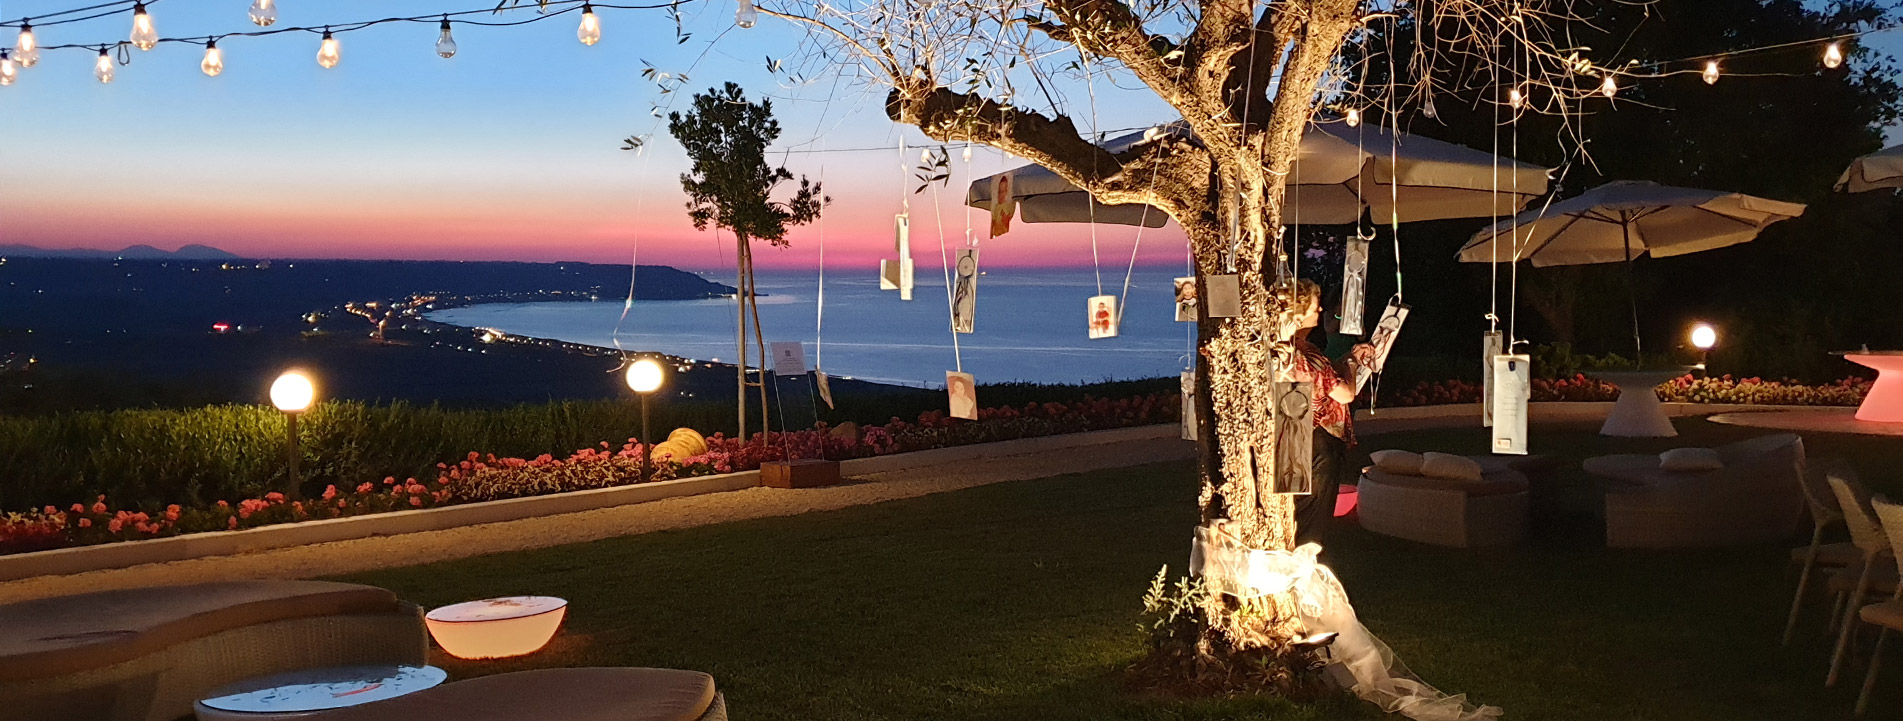 Matrimonio Spiaggia Abruzzo : Location matrimoni a chieti per un matrimonio in spiaggia